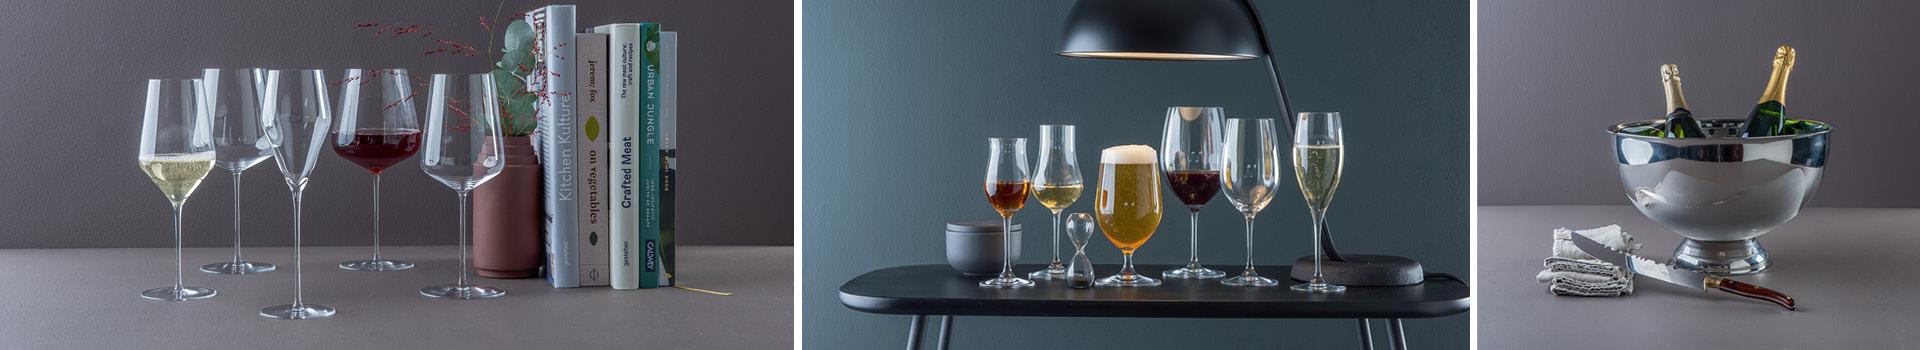 Gavetips-til-vinkjenneren-vininteressert-vinglass-d.jpg